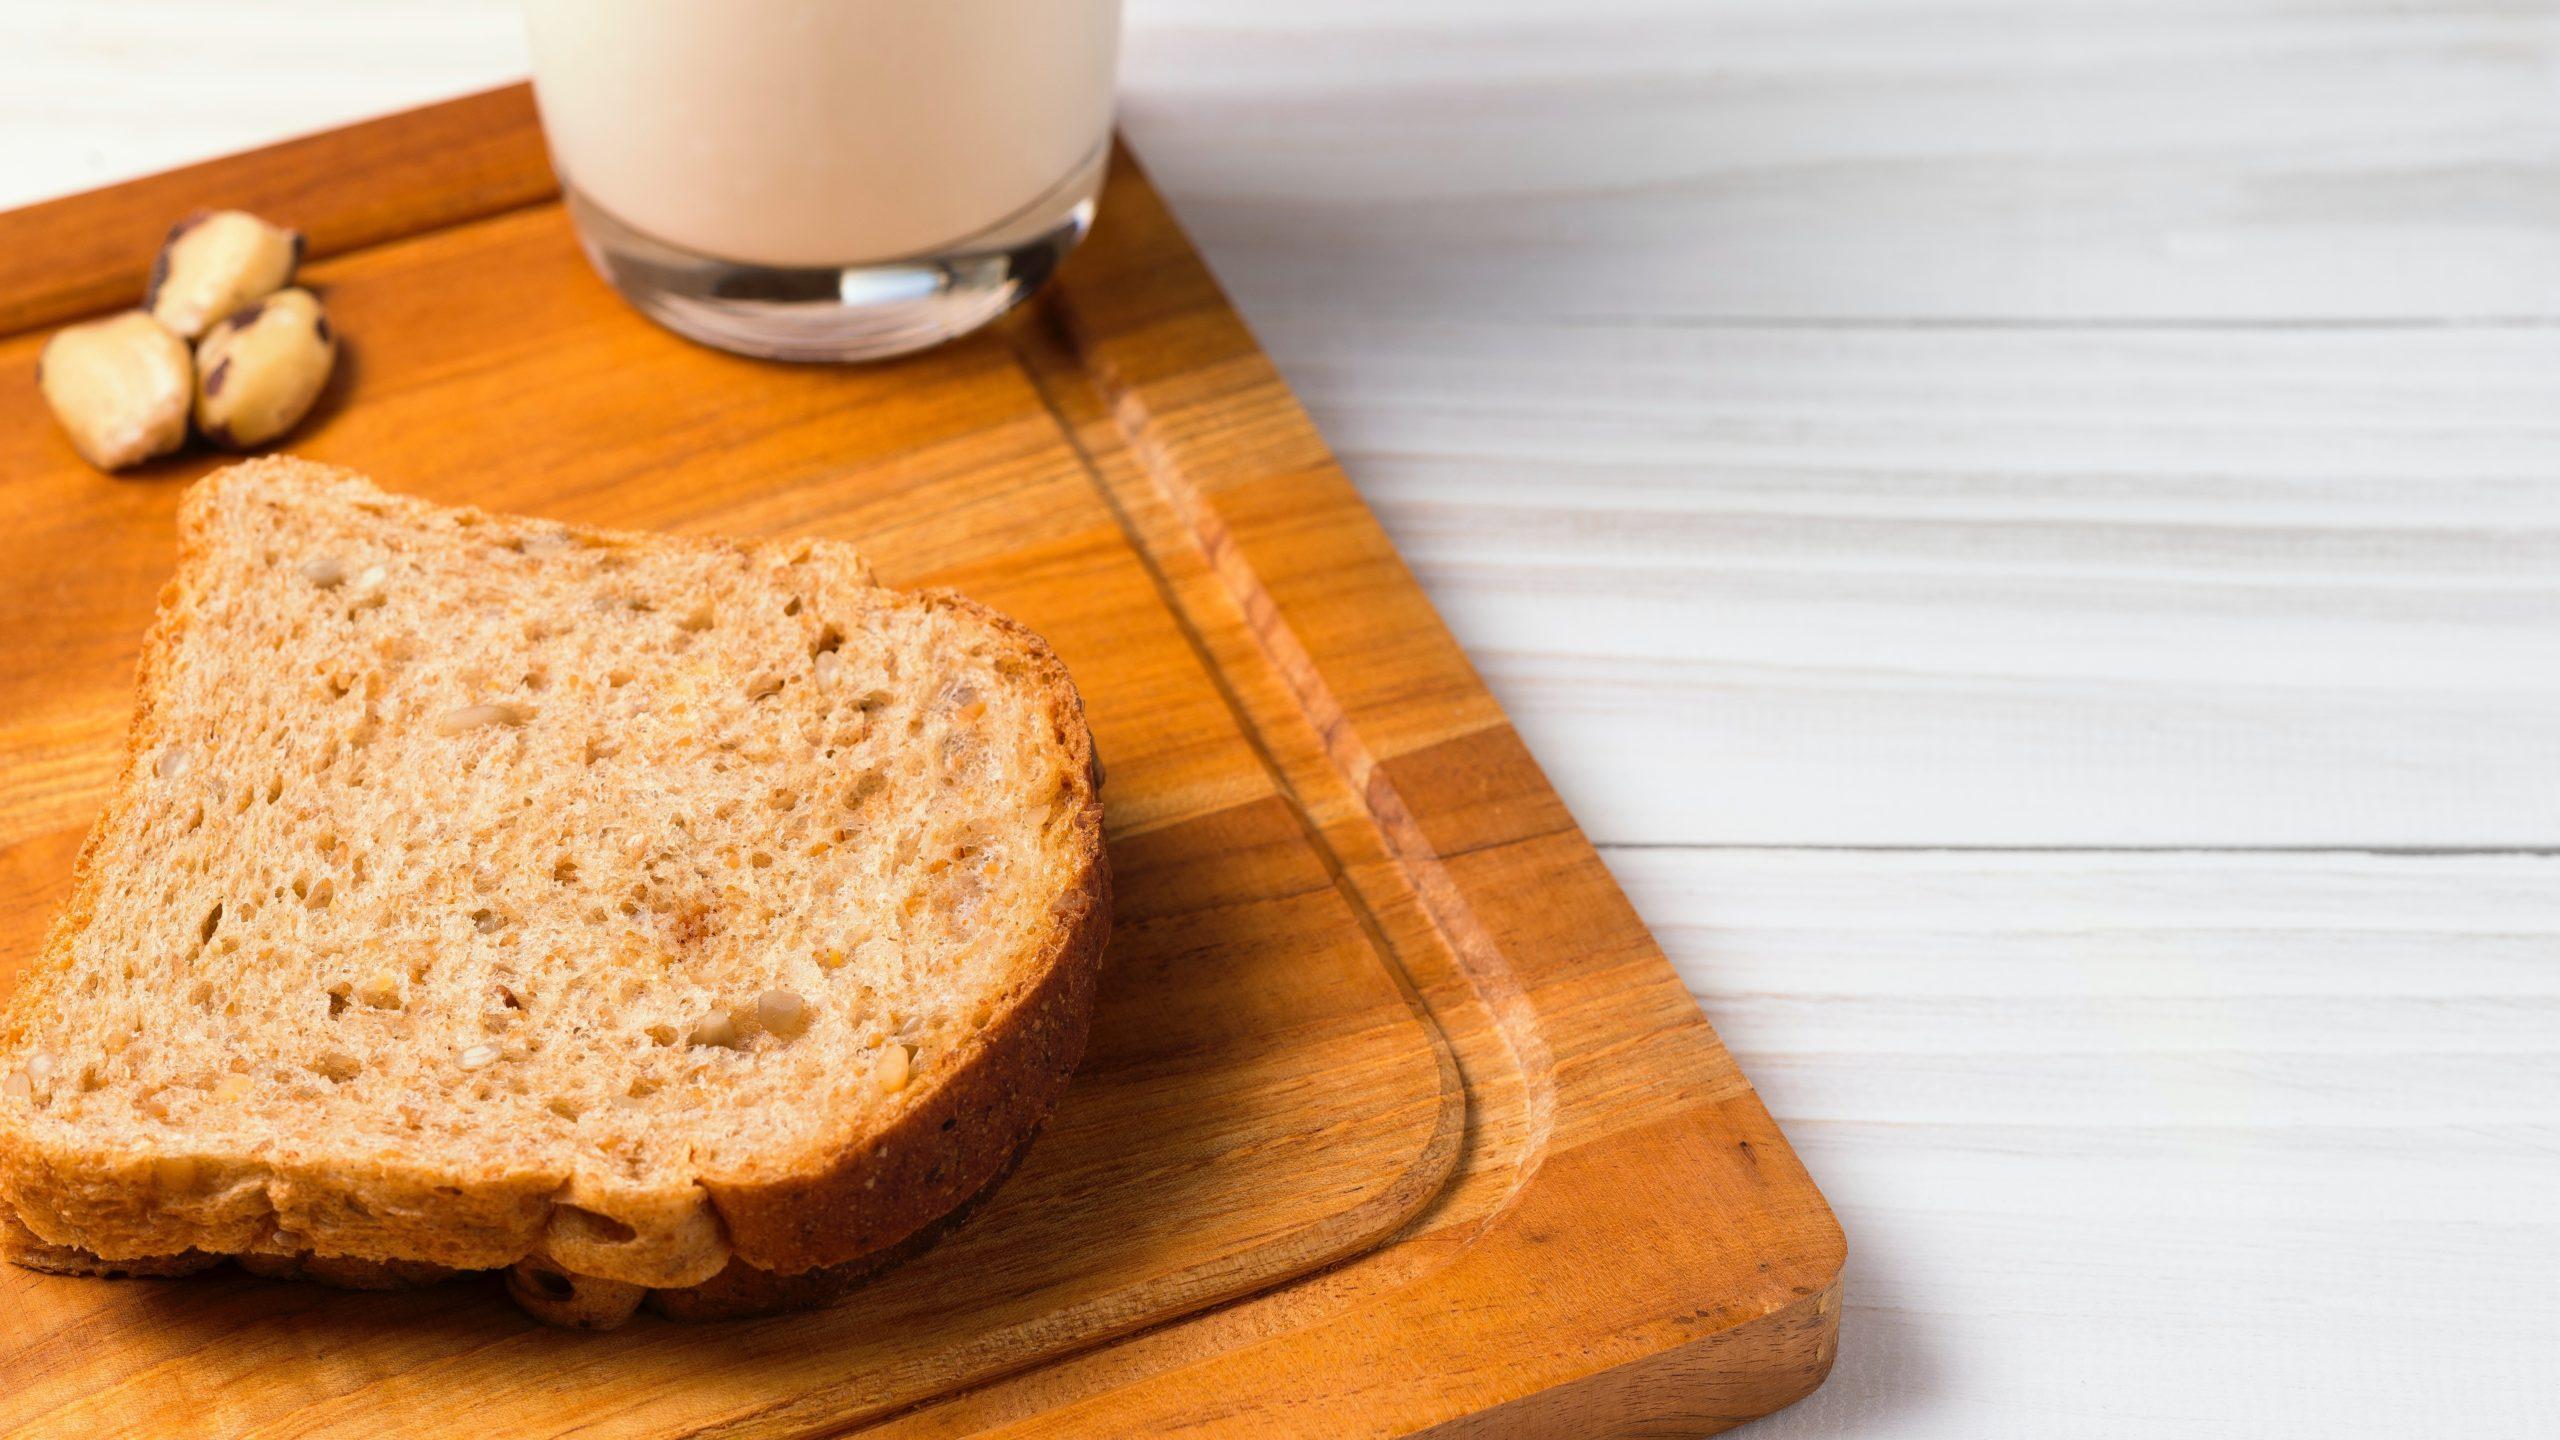 Intolérance alimentaire, la réponse de la naturopathie